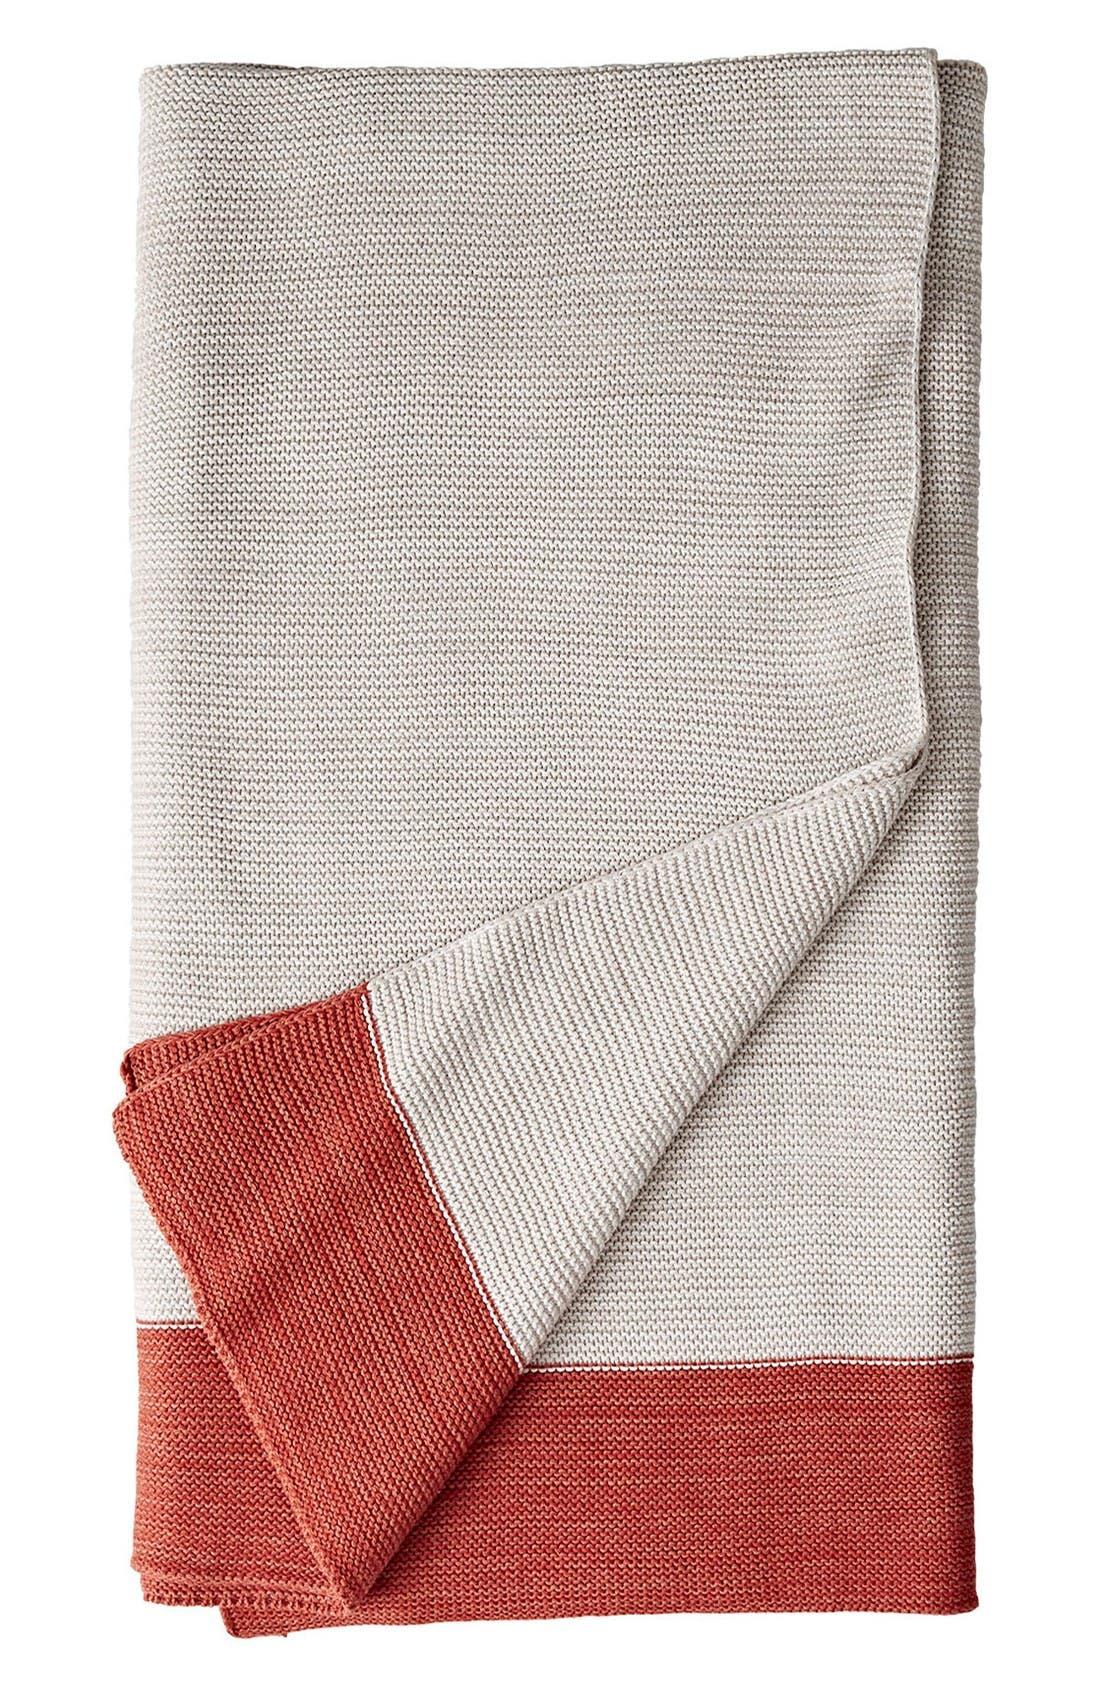 DwellStudio Marled Knit Throw